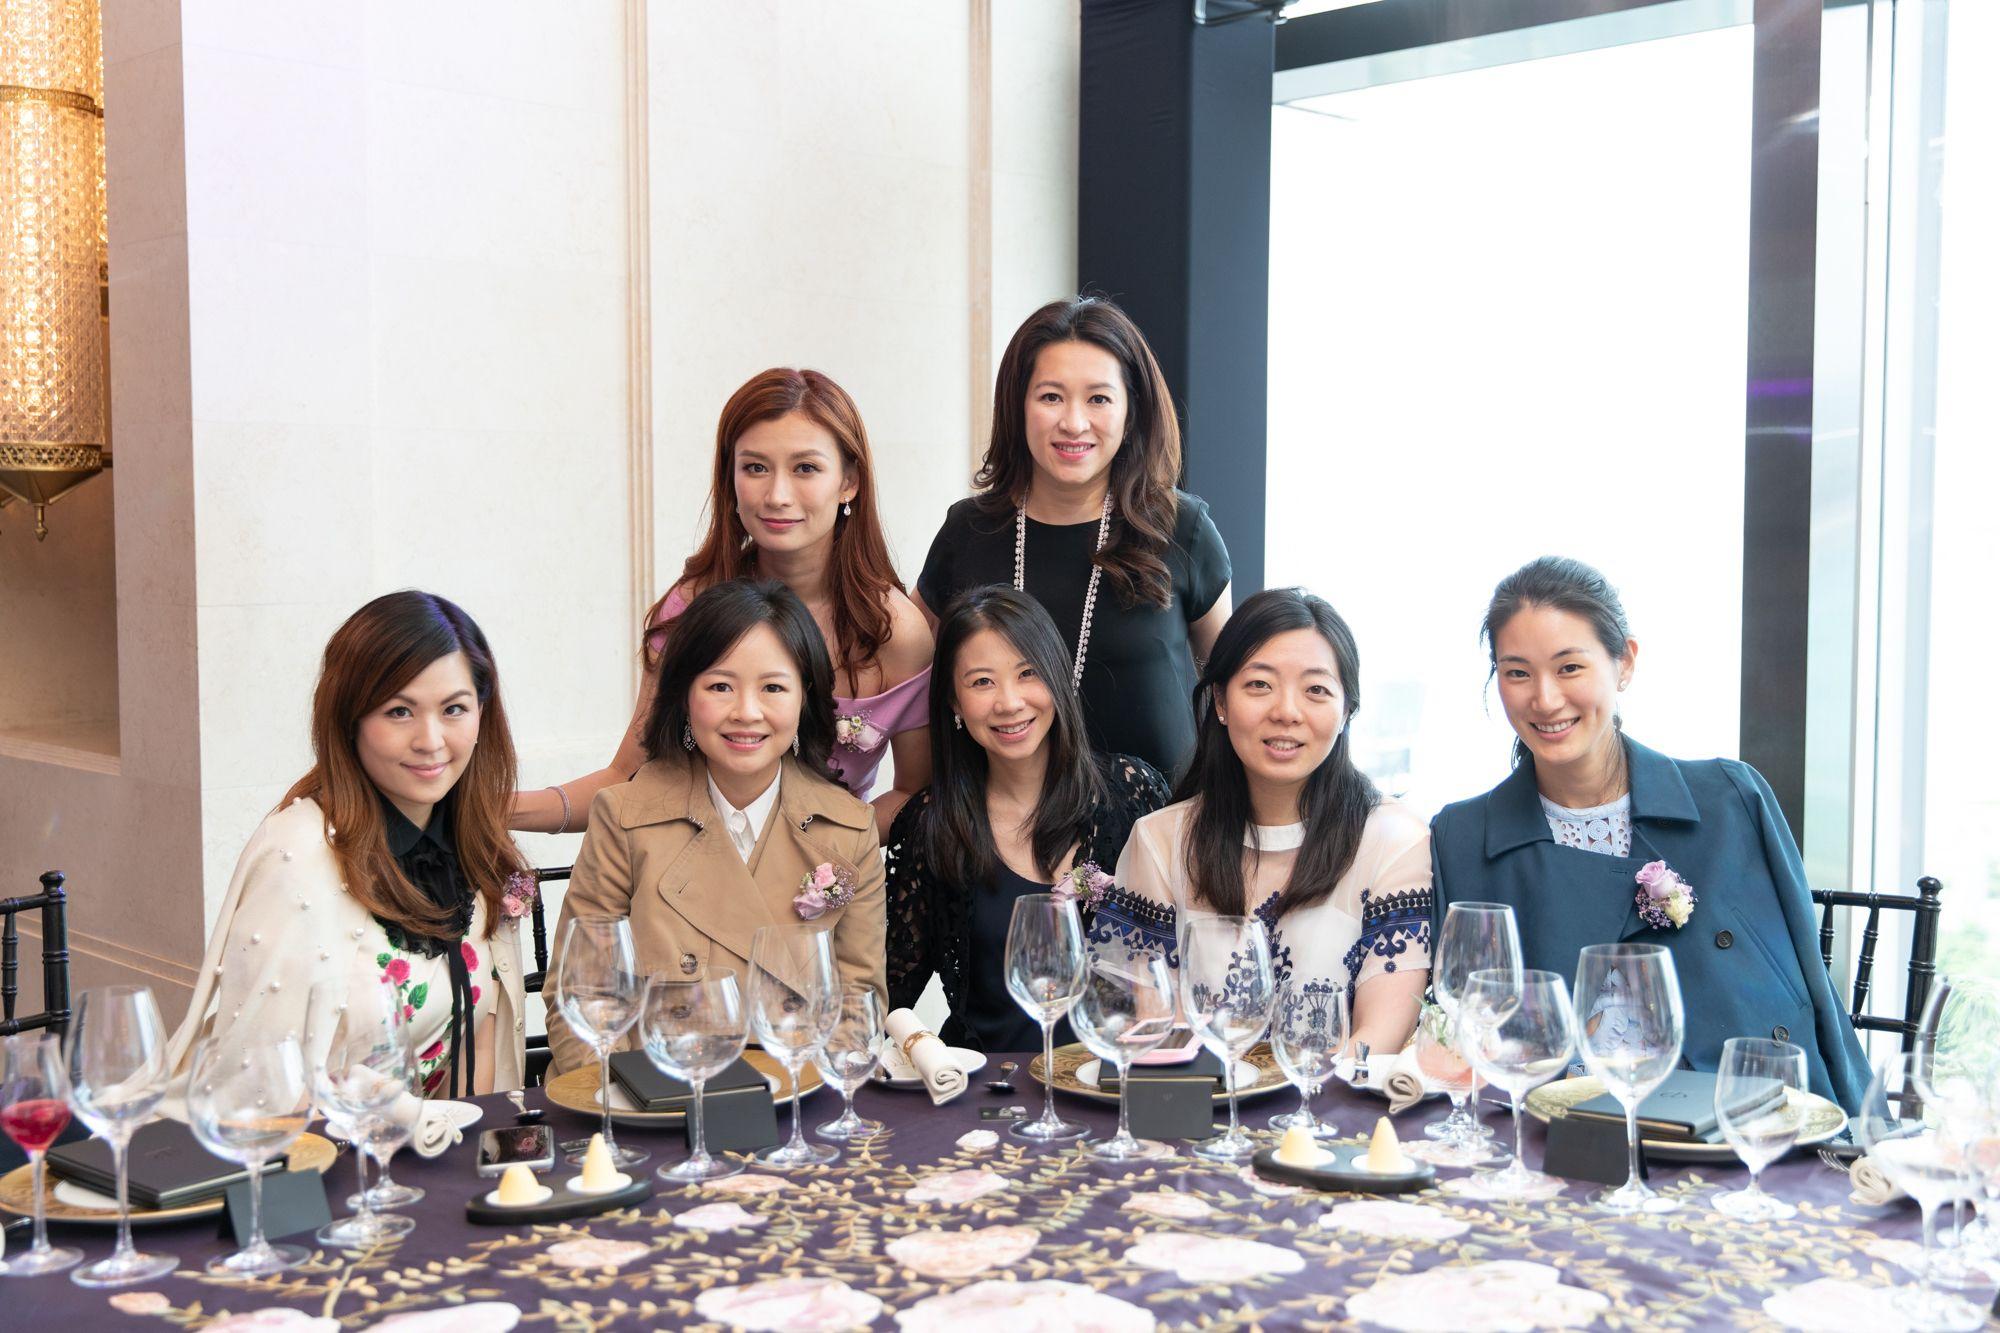 Standing - Colleen Fung, Isabella Liang. Seated - Clara Cheong, Jennifer Cheng, Maya Lin, Jennifer Ma, Michelle Liu